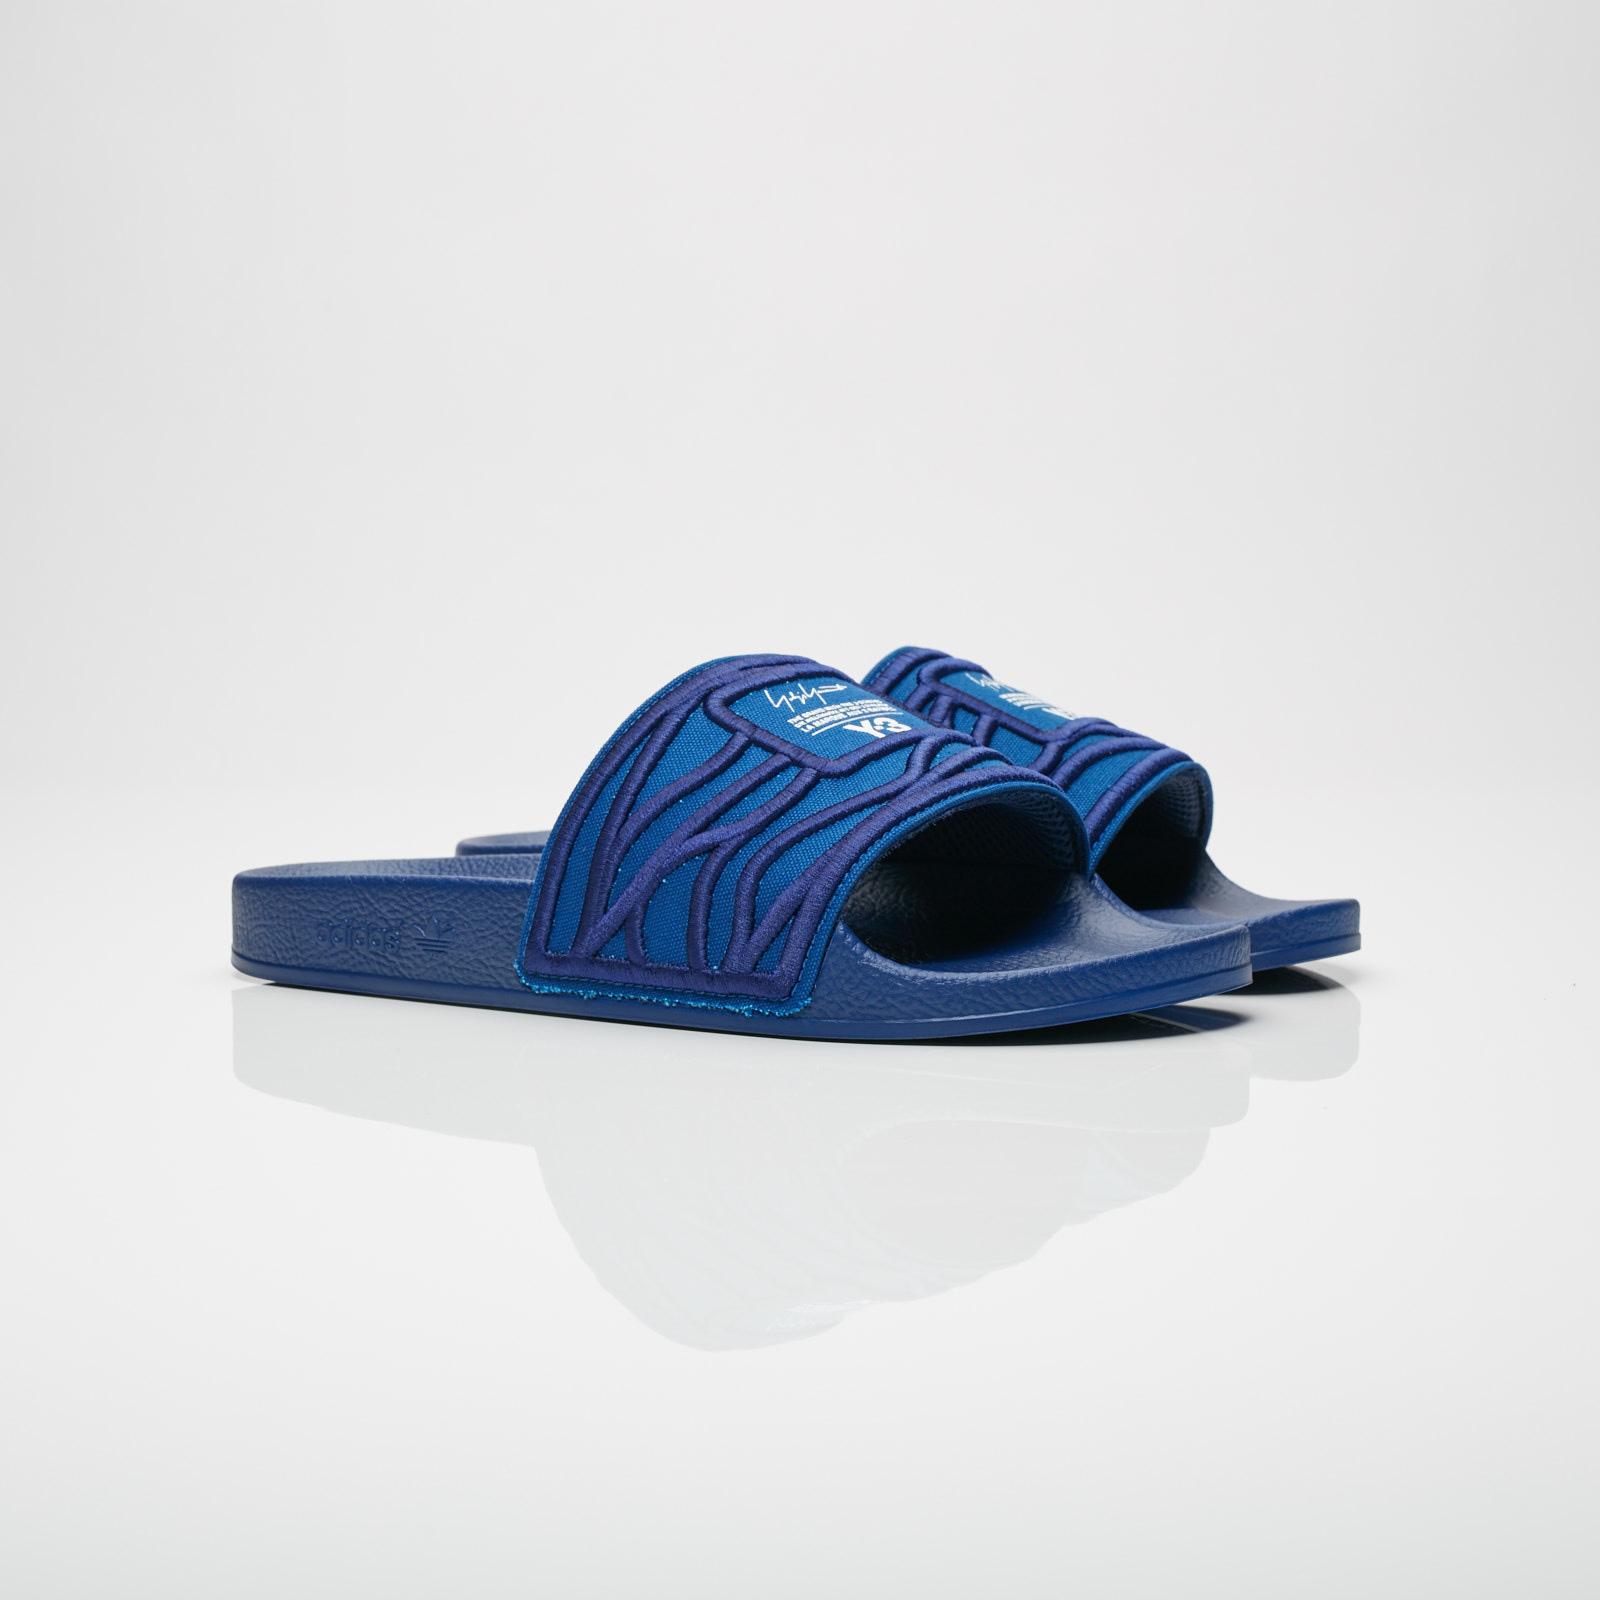 fe321403a74b9 adidas Adilette - Ac7526 - Sneakersnstuff